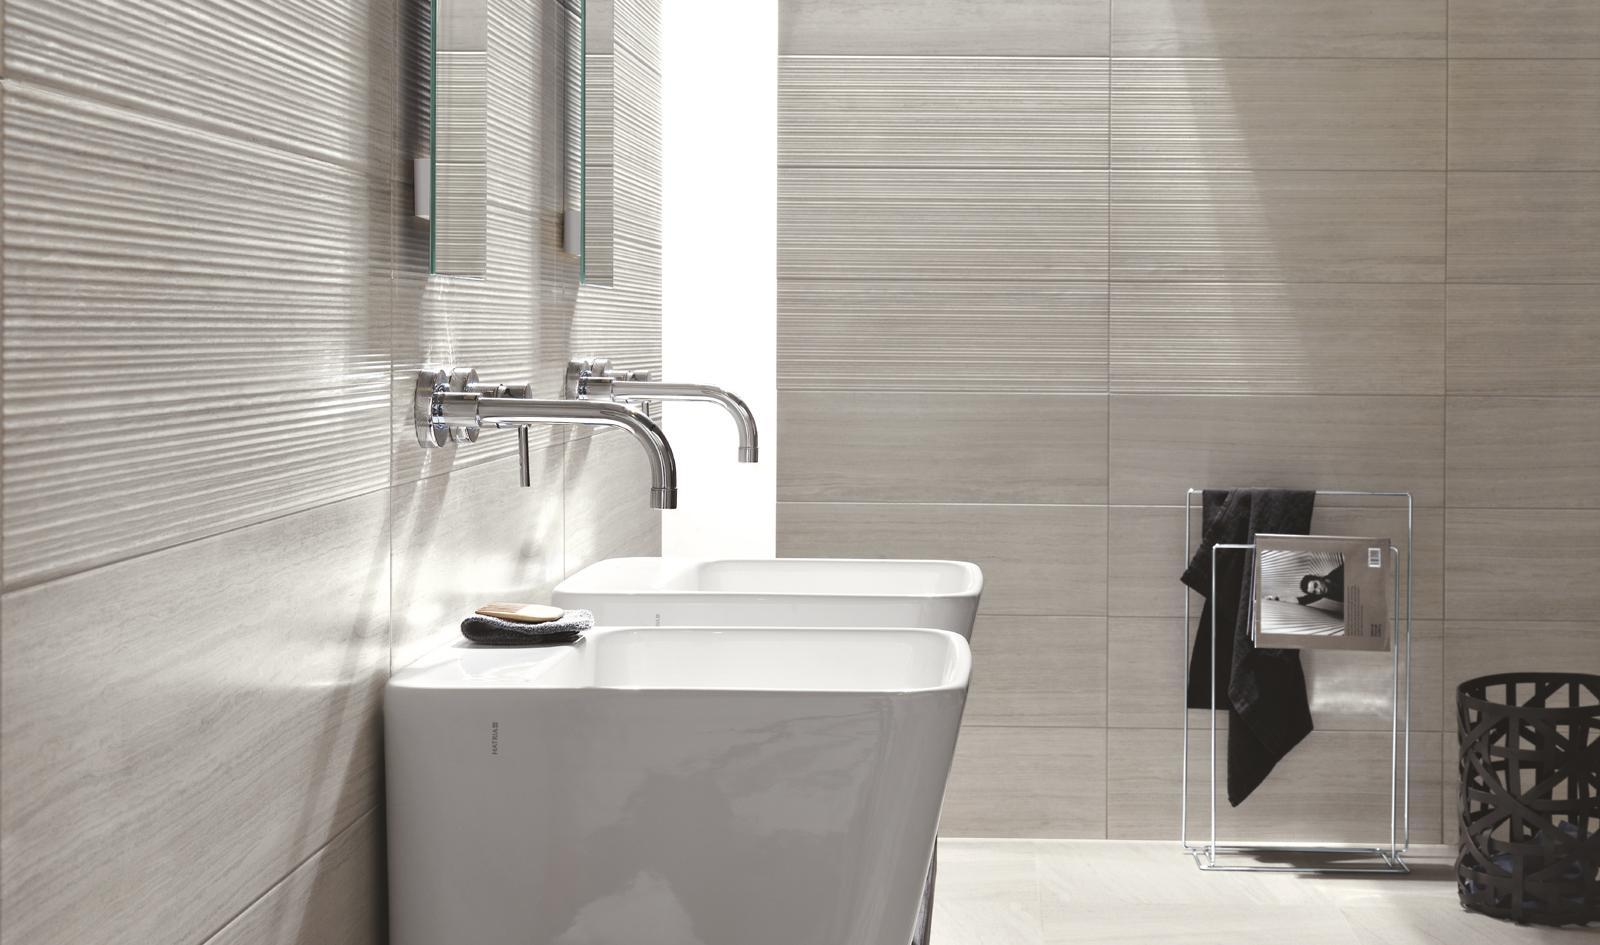 Collezione natural rivestimenti per il tuo bagno ragno